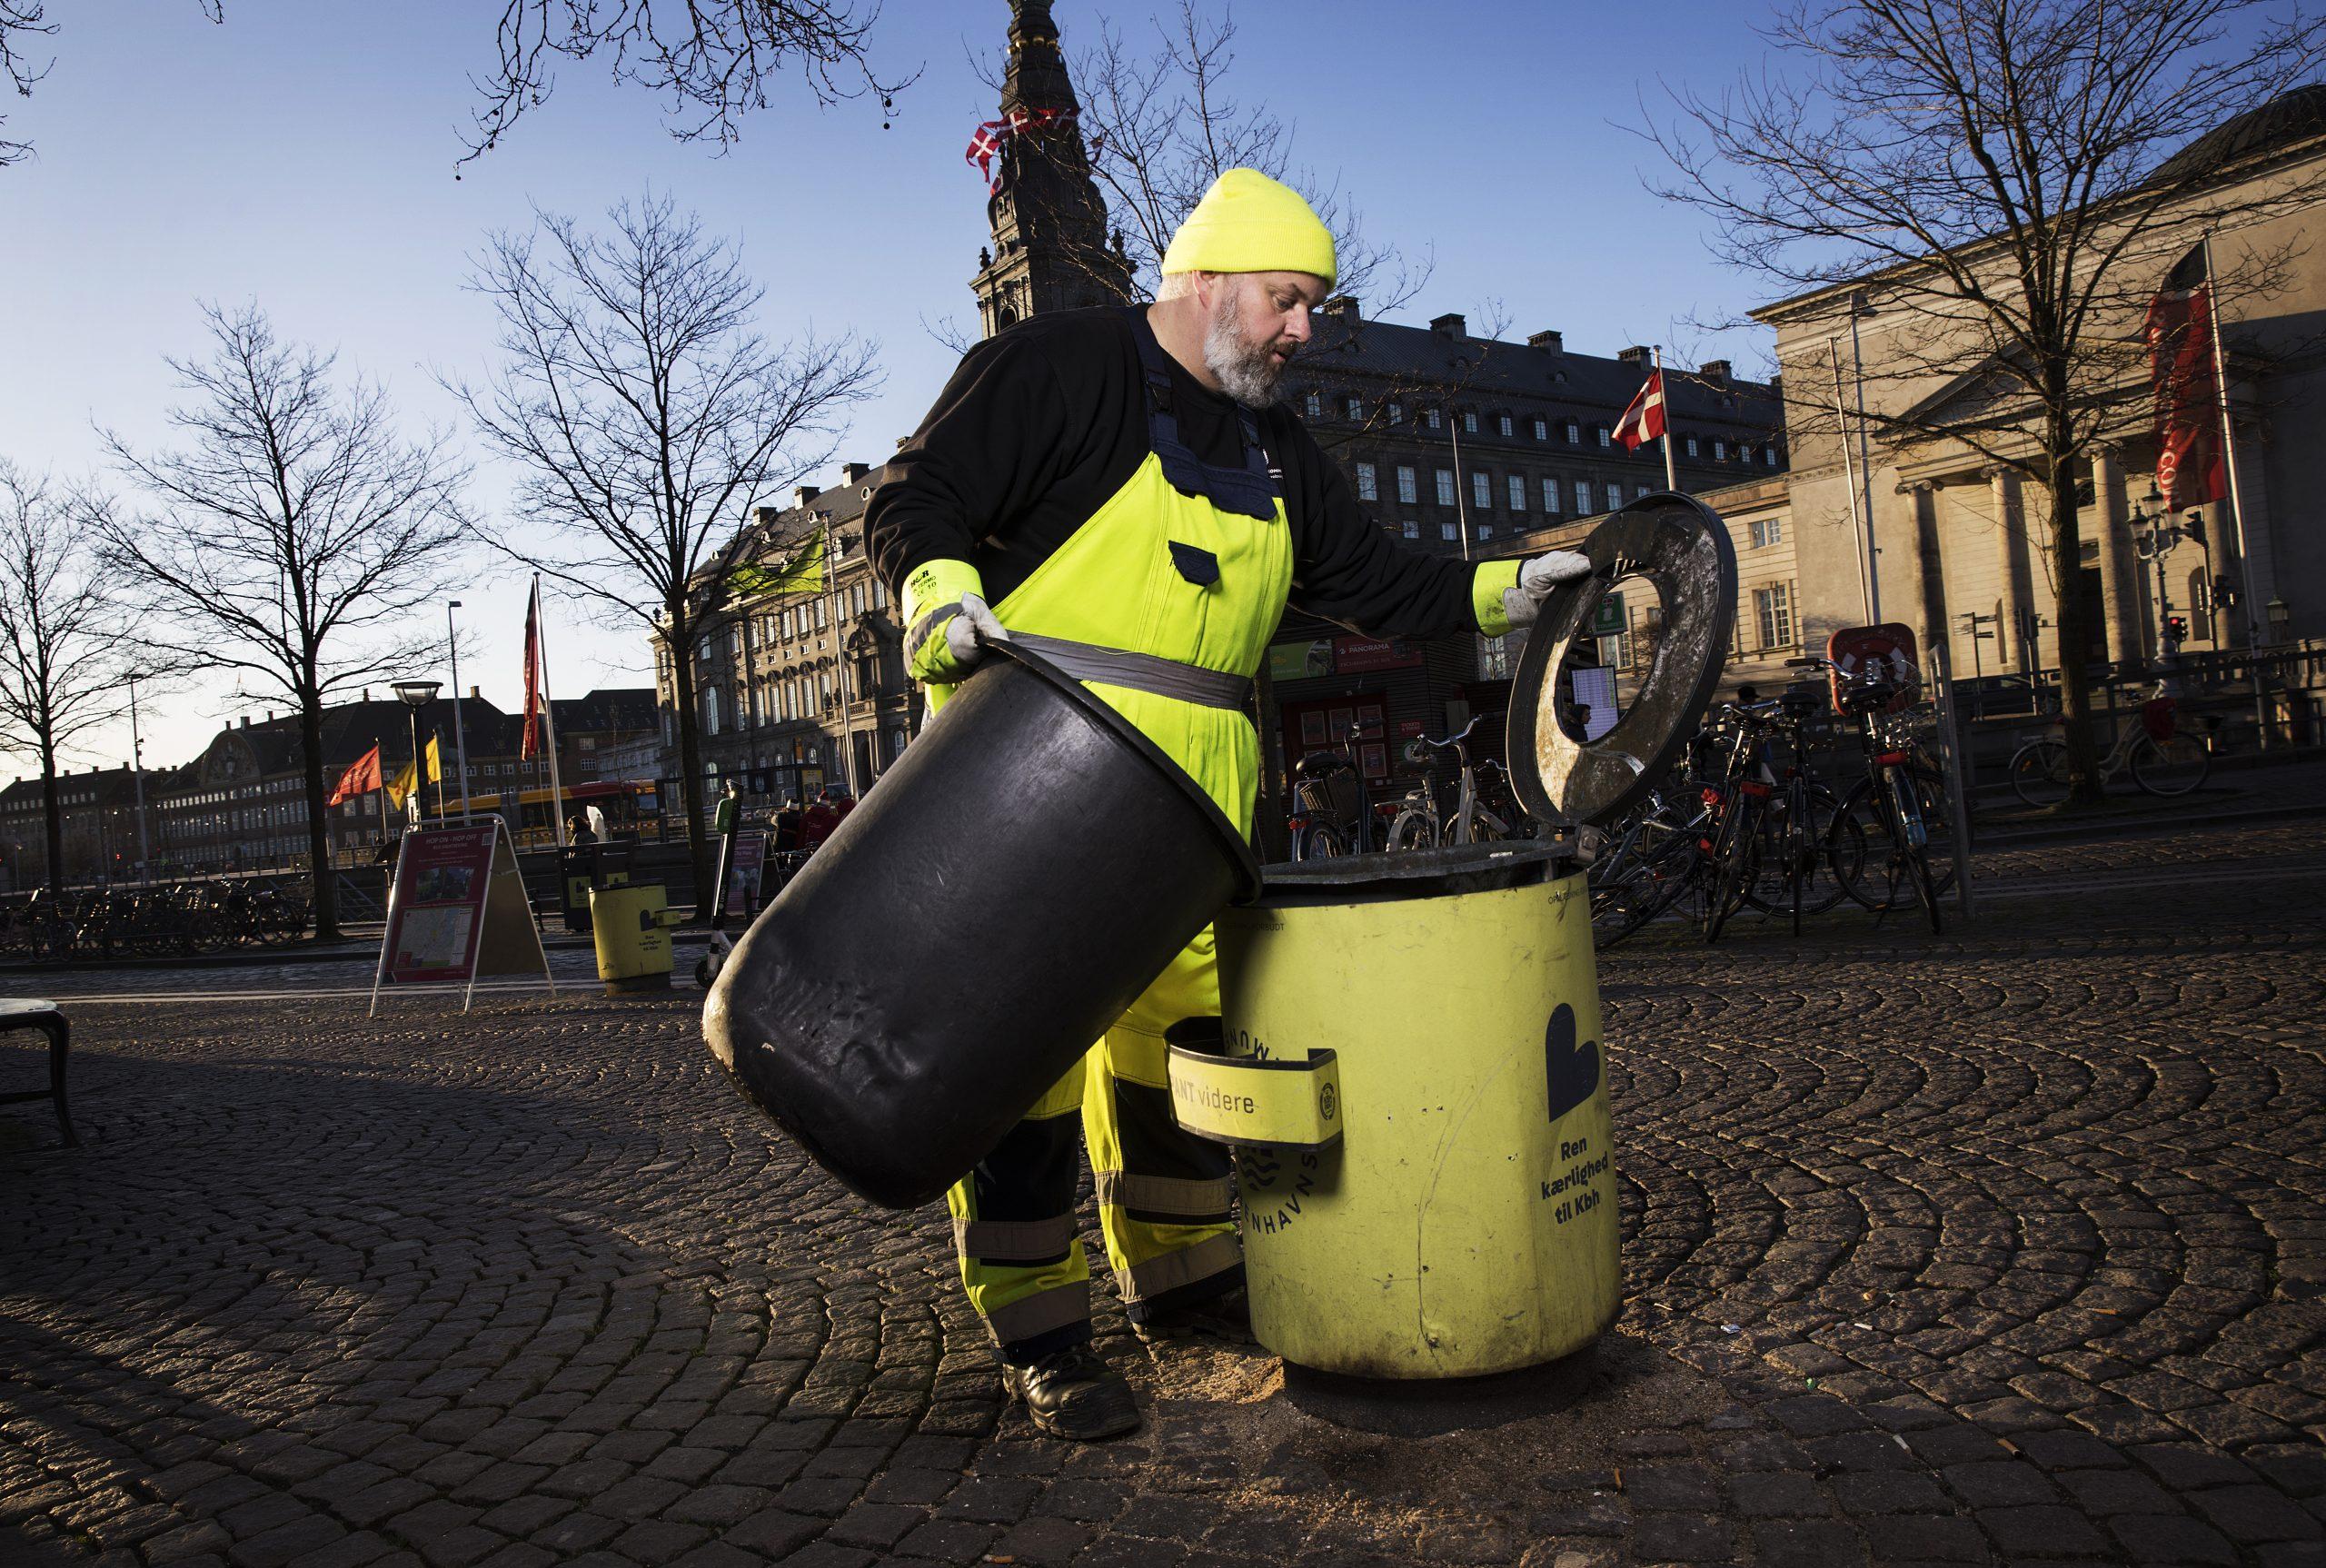 Gadefejer Rasmus fik en meningsdanneruddannelse af 3F og blev mediedarling 6